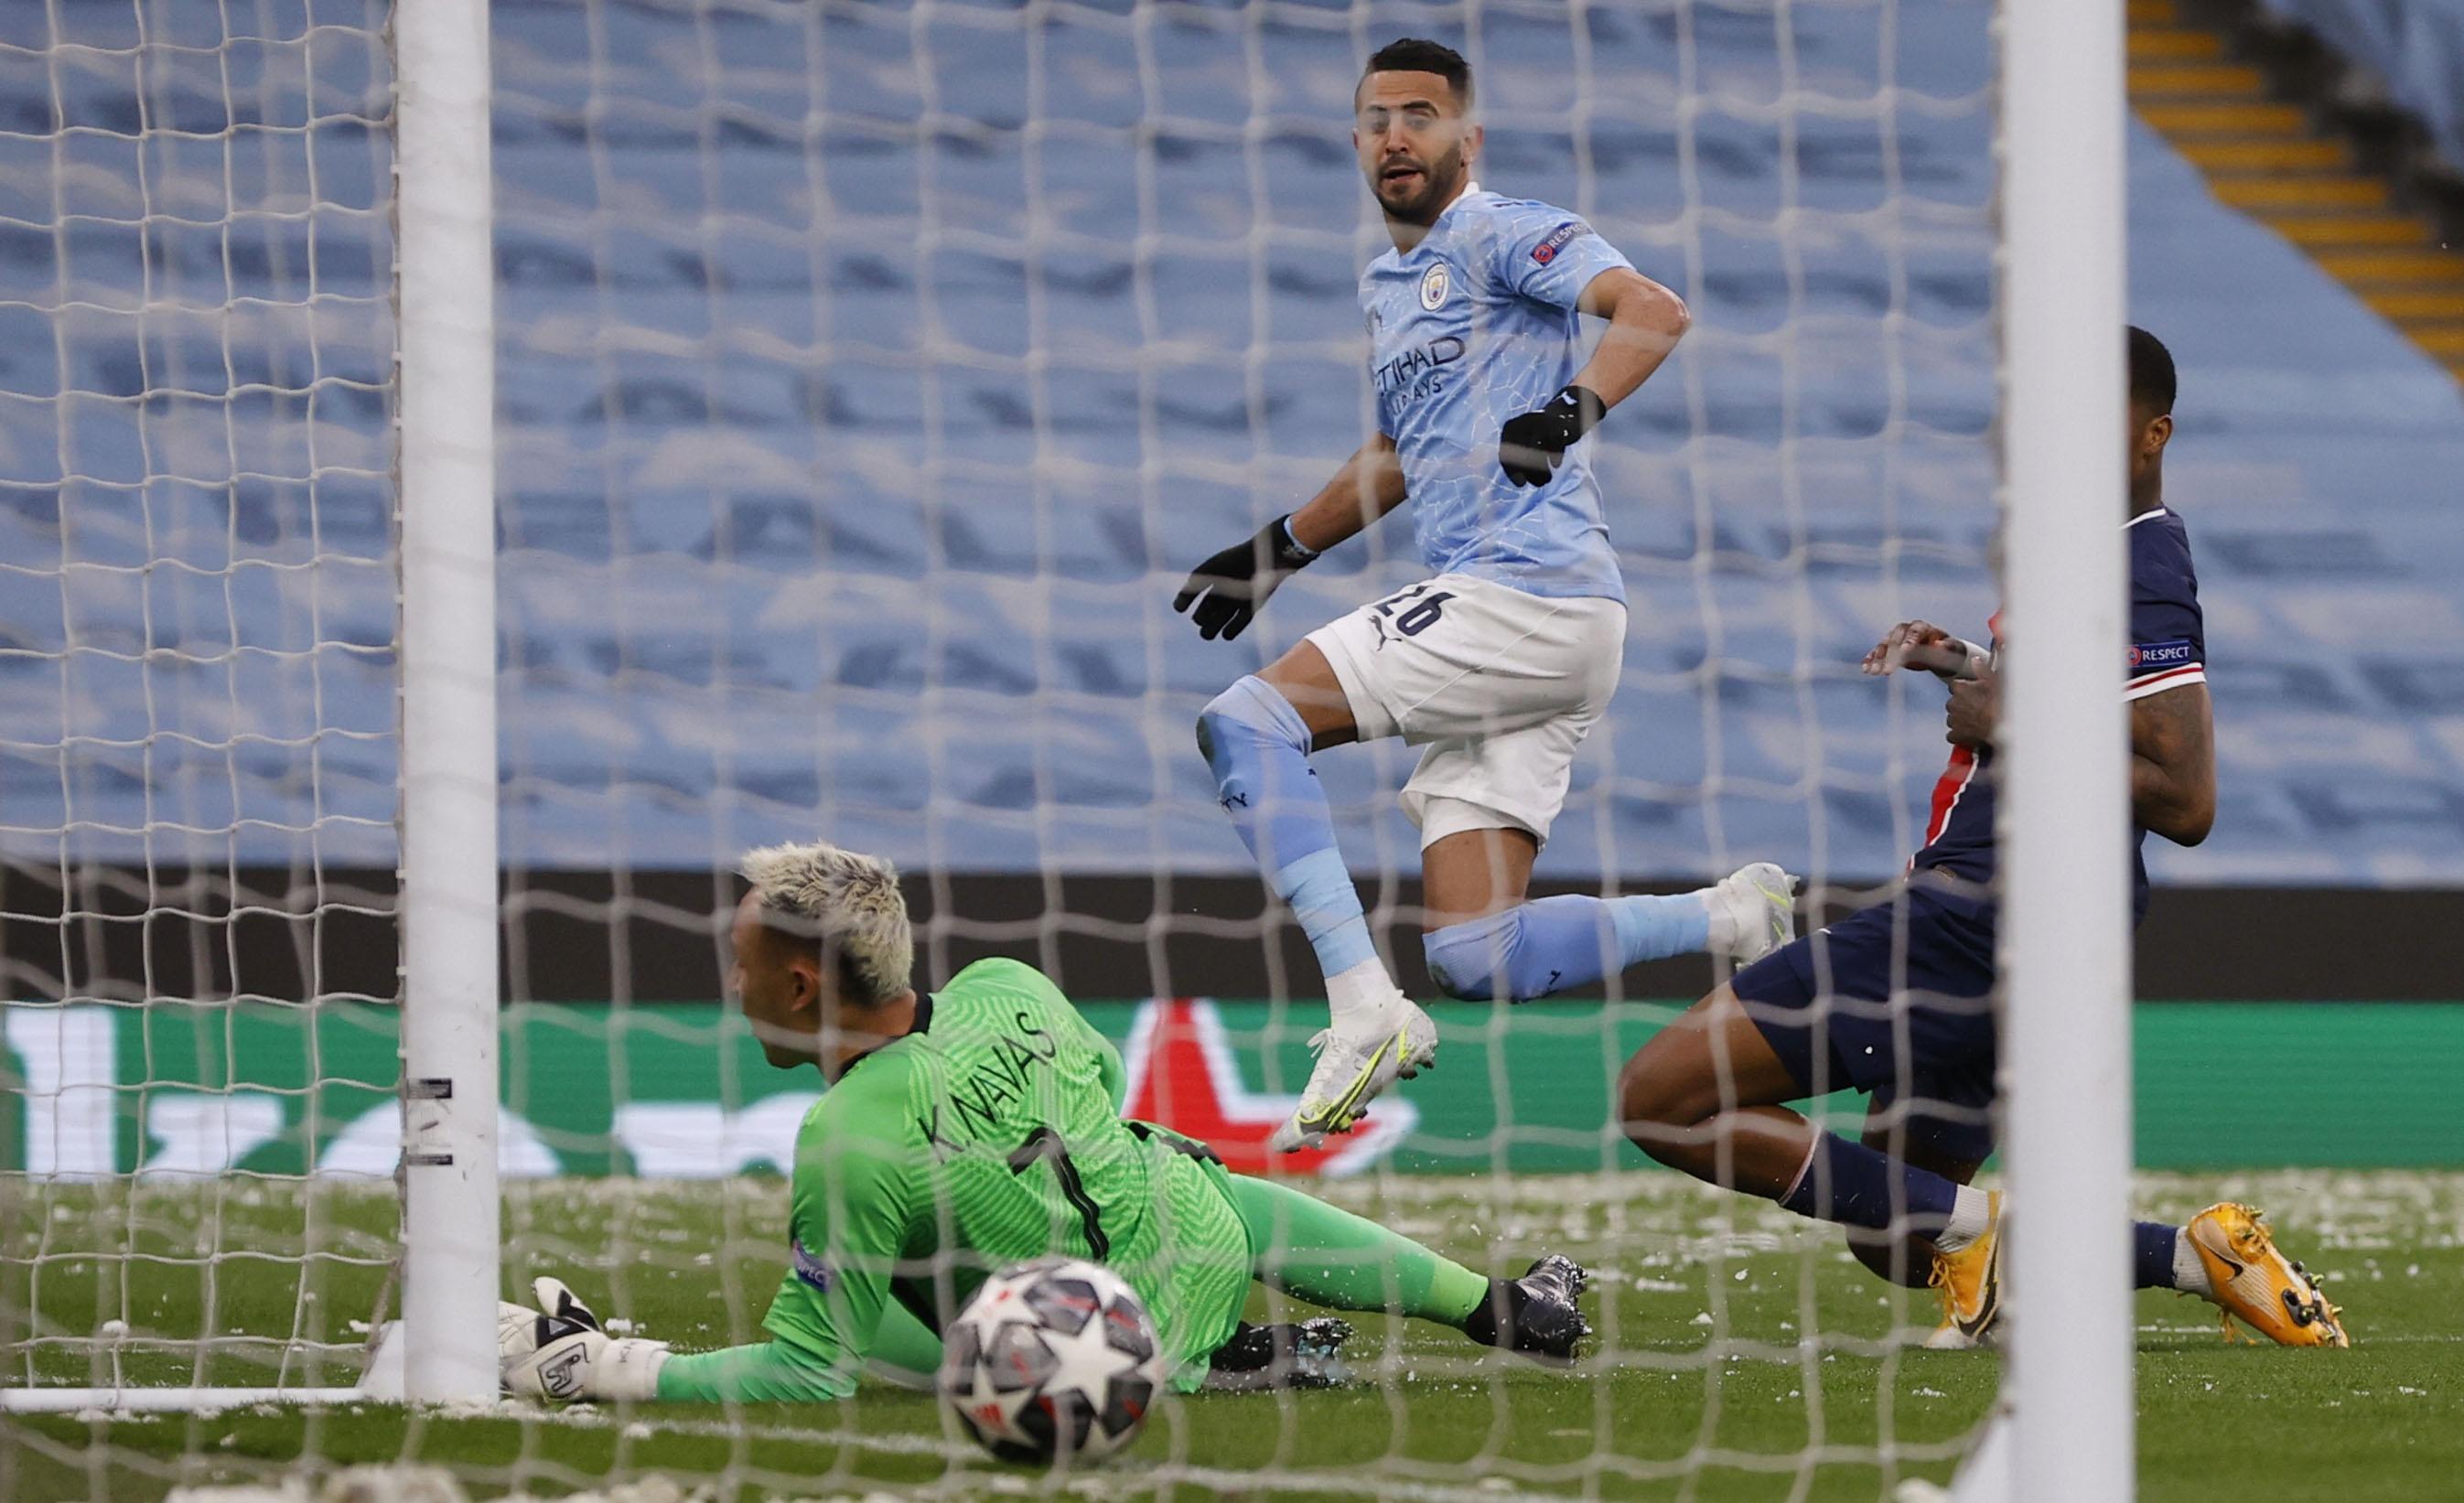 Man City chơi bị động trong quãng thời gian đầu trận, nhưng đây chỉ là cái bẫy của Pep Guardiola. Ảnh: Reuters.